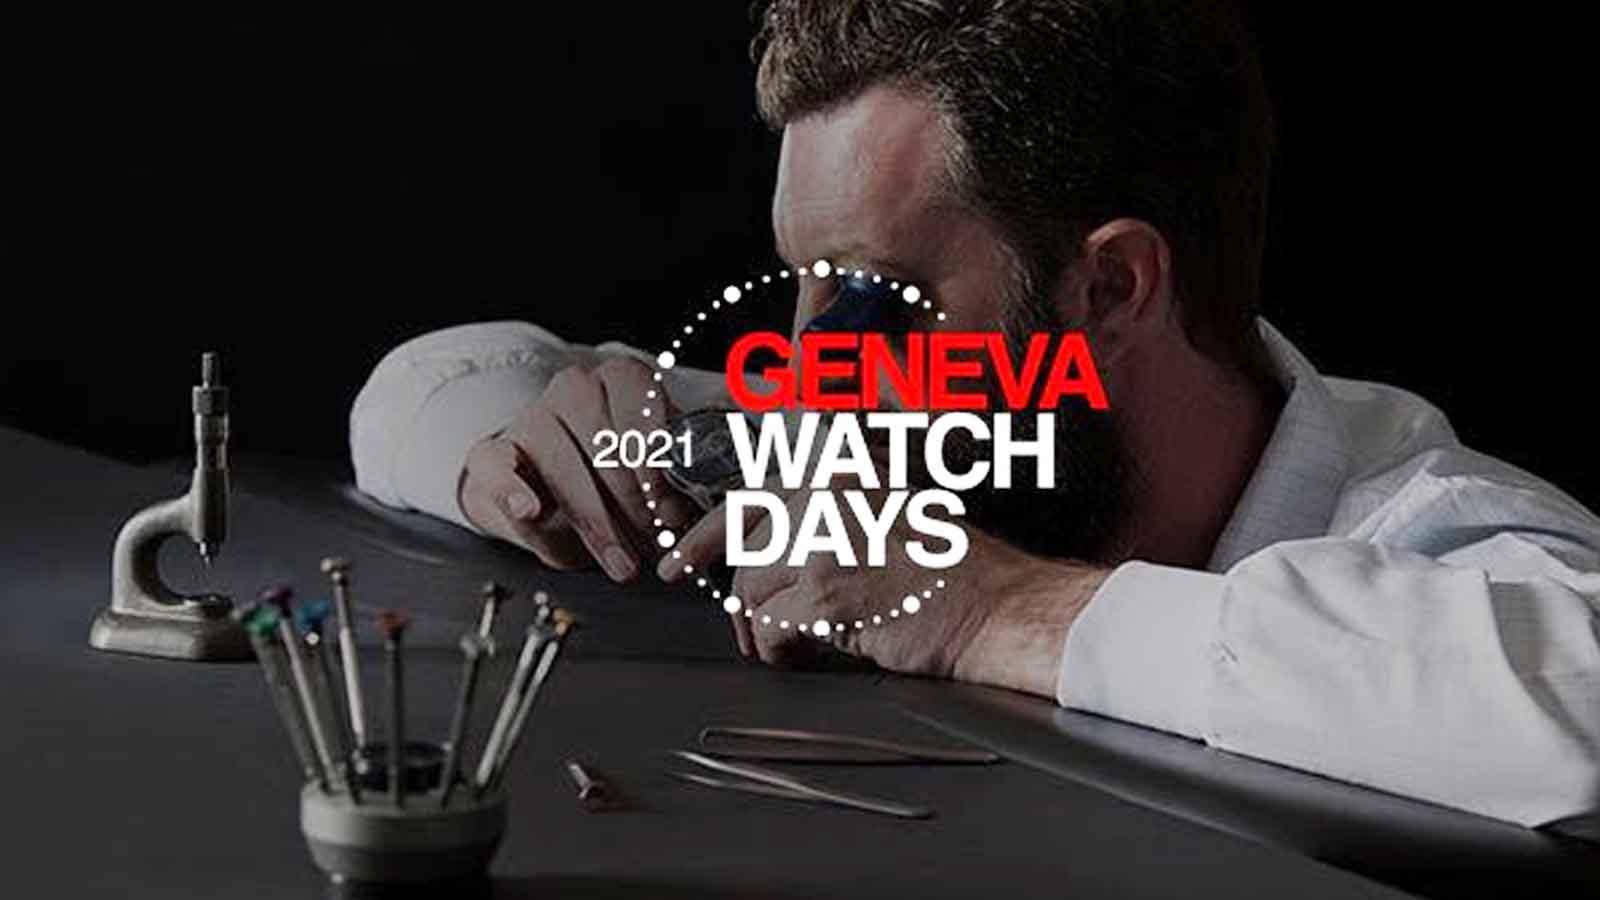 Những mẫu đồng hồ ấn tượng nhất xuất hiện tại Geneva Watch Days 2021